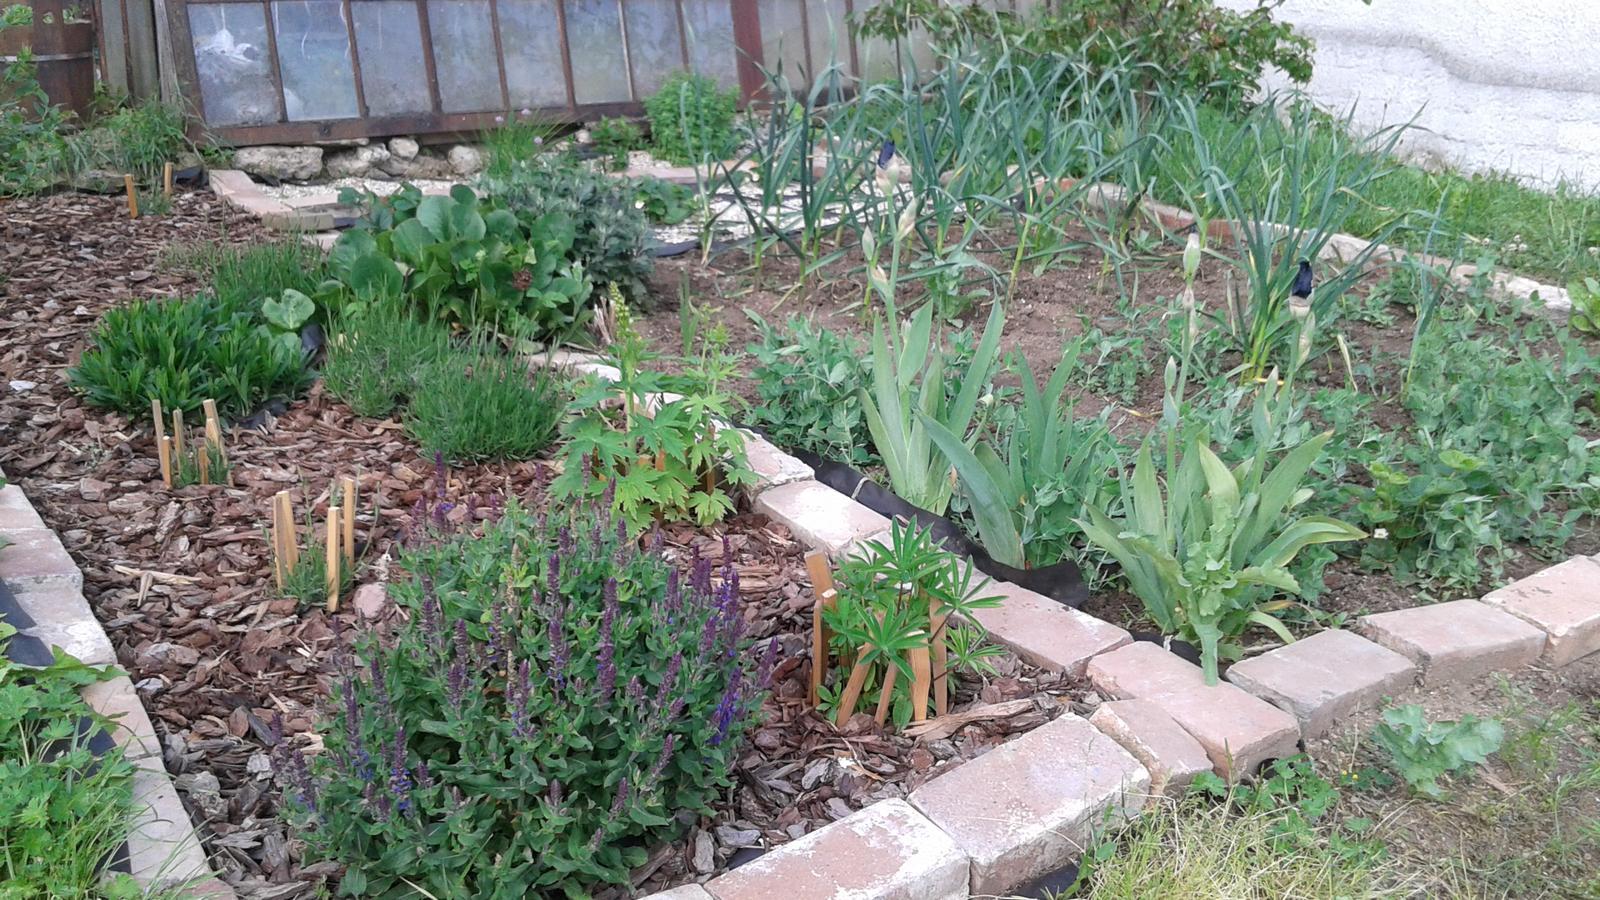 Zahrada od začátku - rozdíl 3 týdnů od předchozí fotky - všechno poporostlo